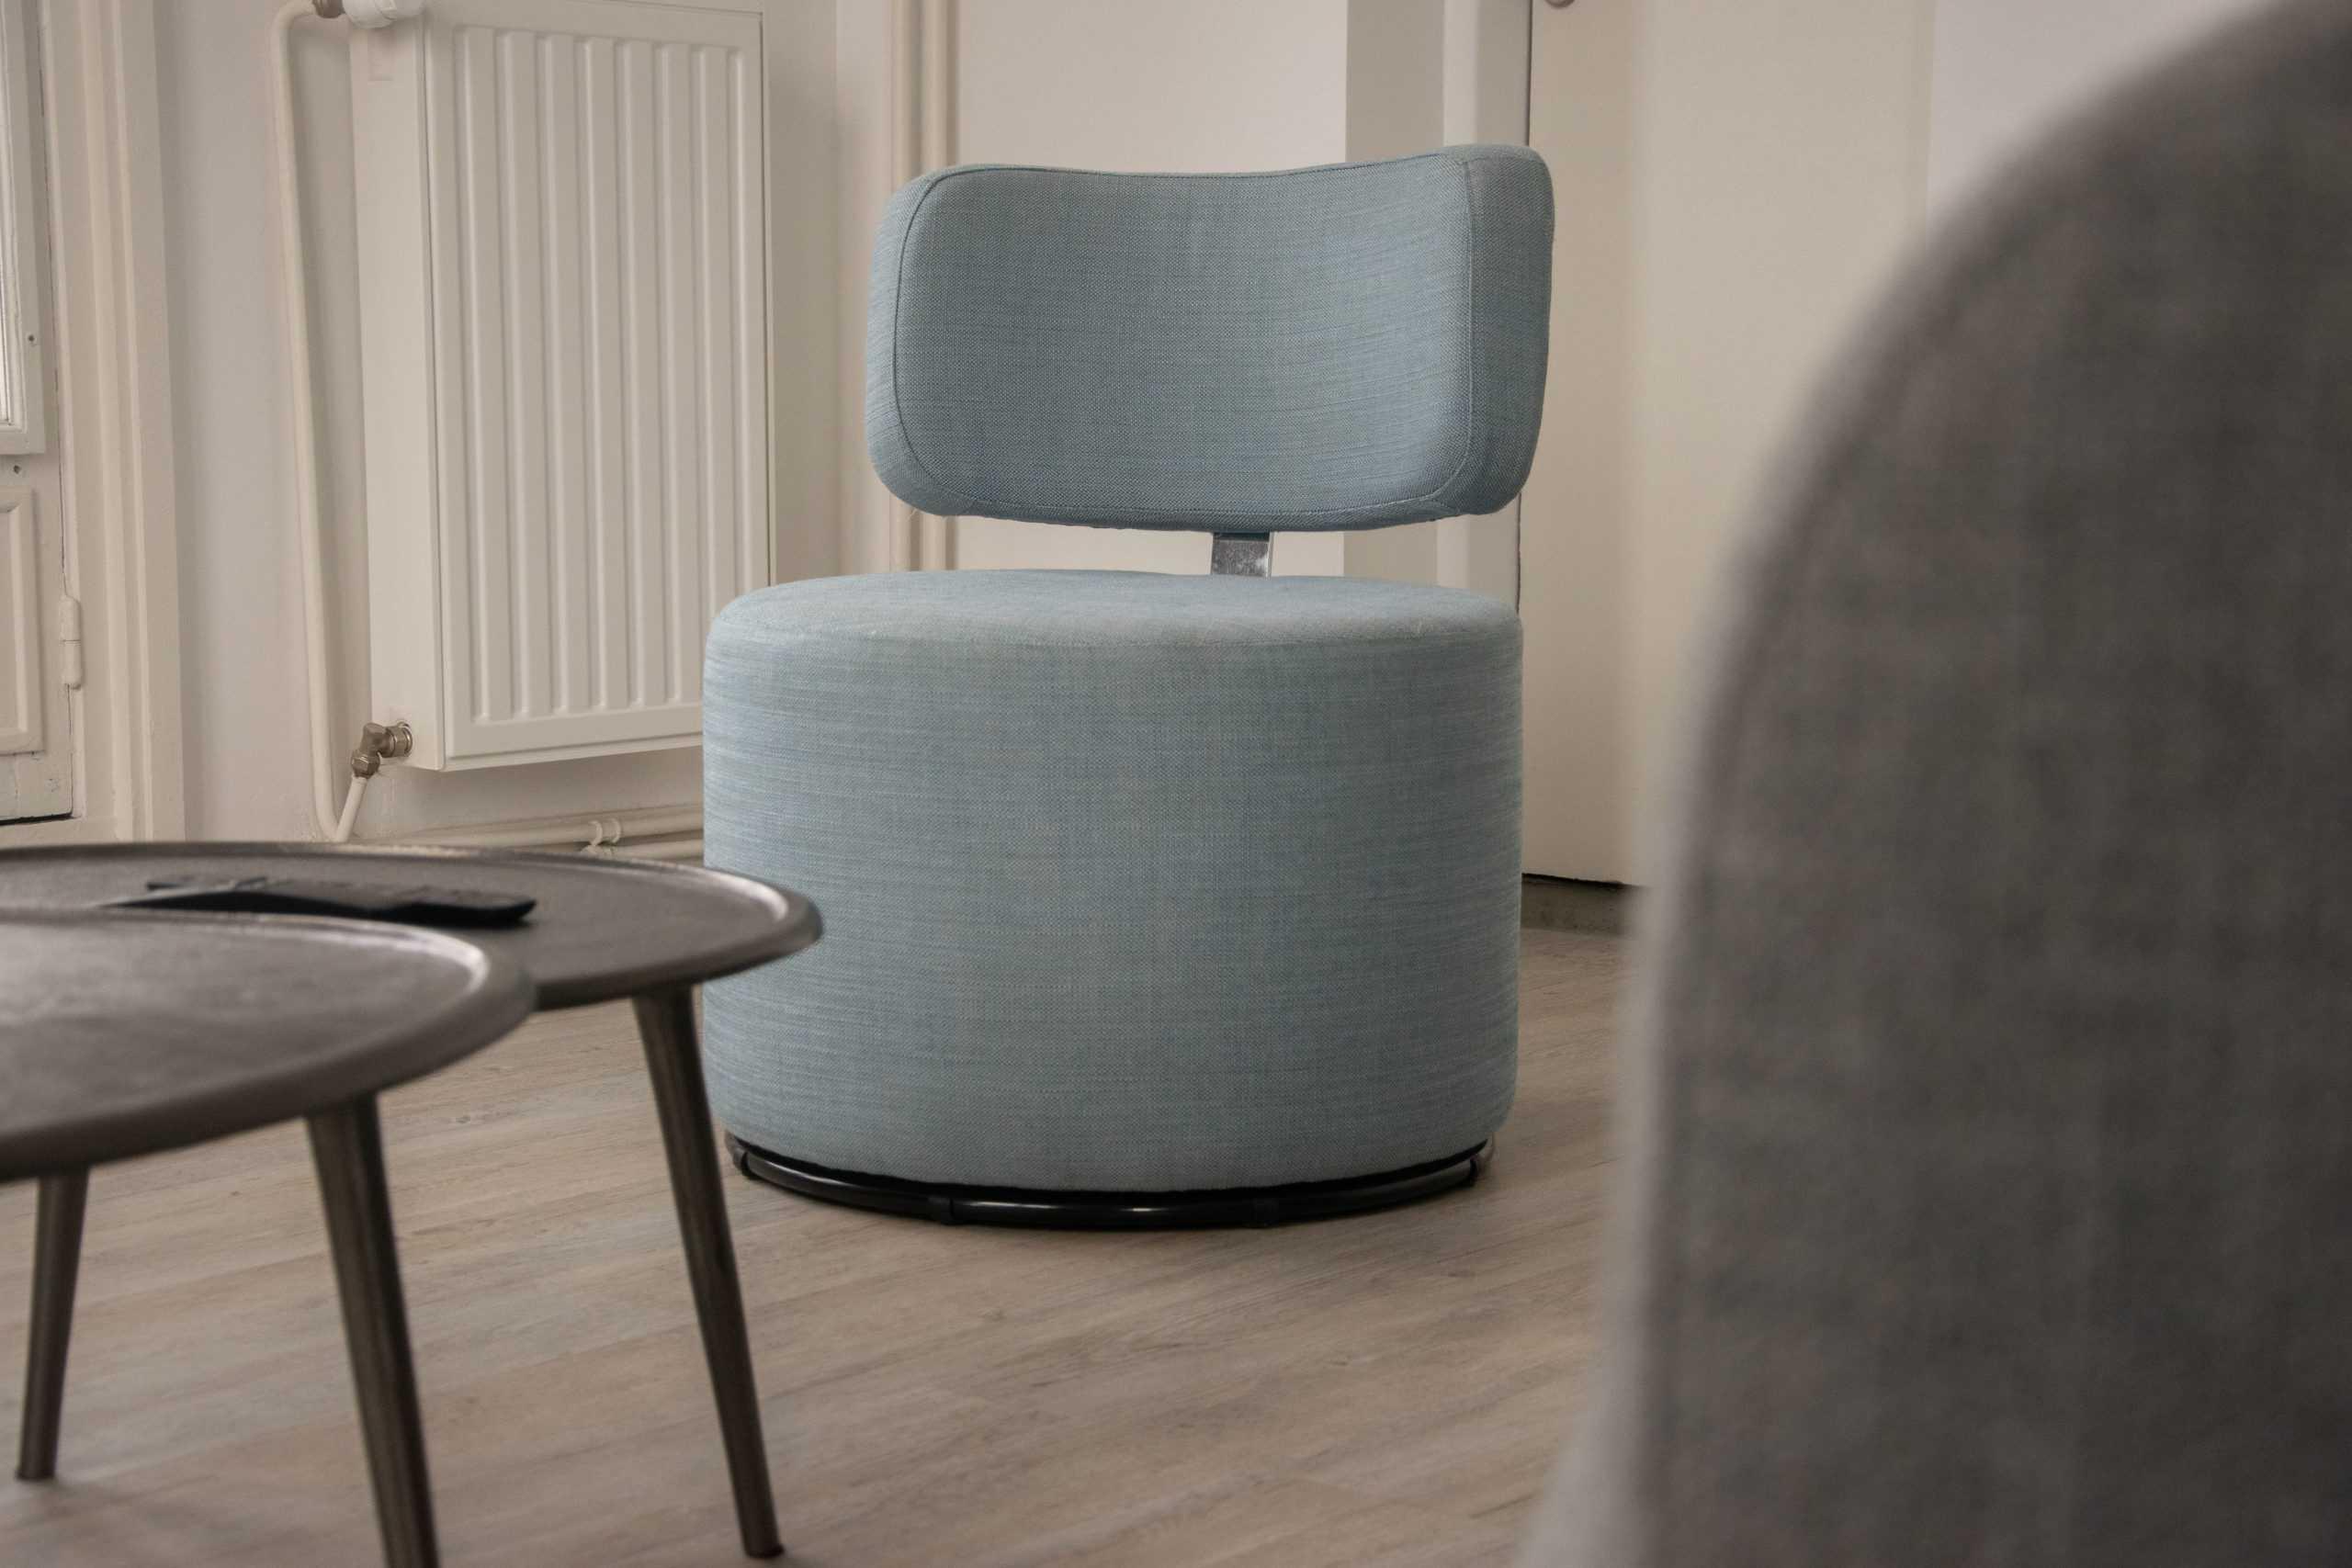 appartement_15eme_droite_tour_perret_amiens_tourisme_salon_fauteuil